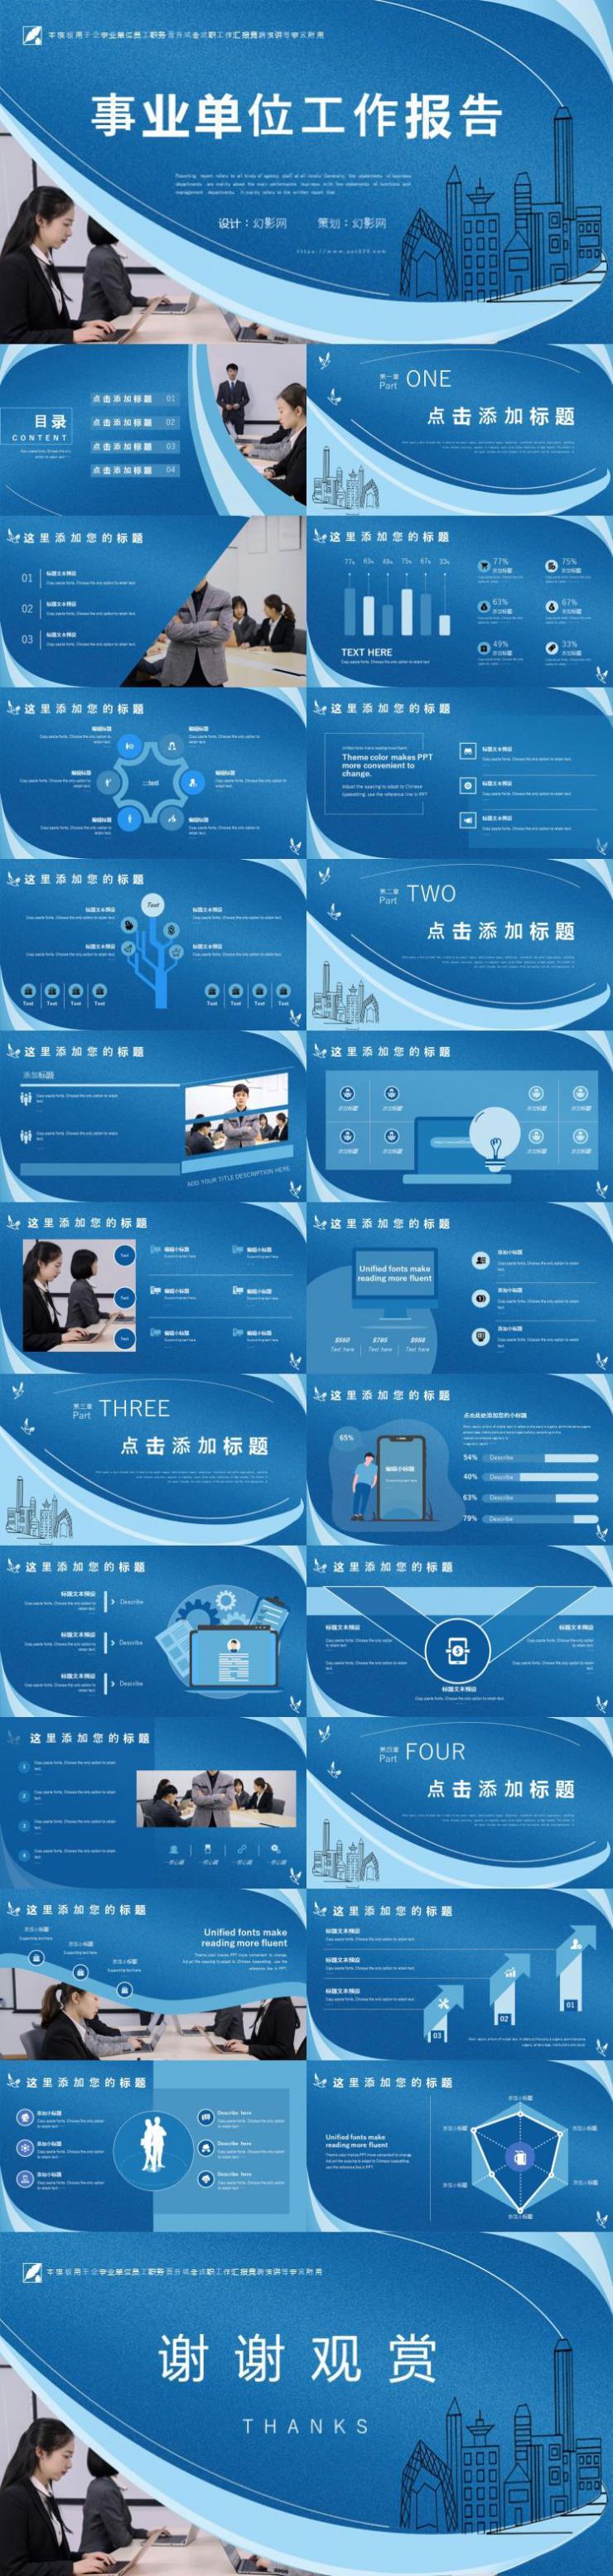 原创简约风高端事业单位工作报告PPT模板下载